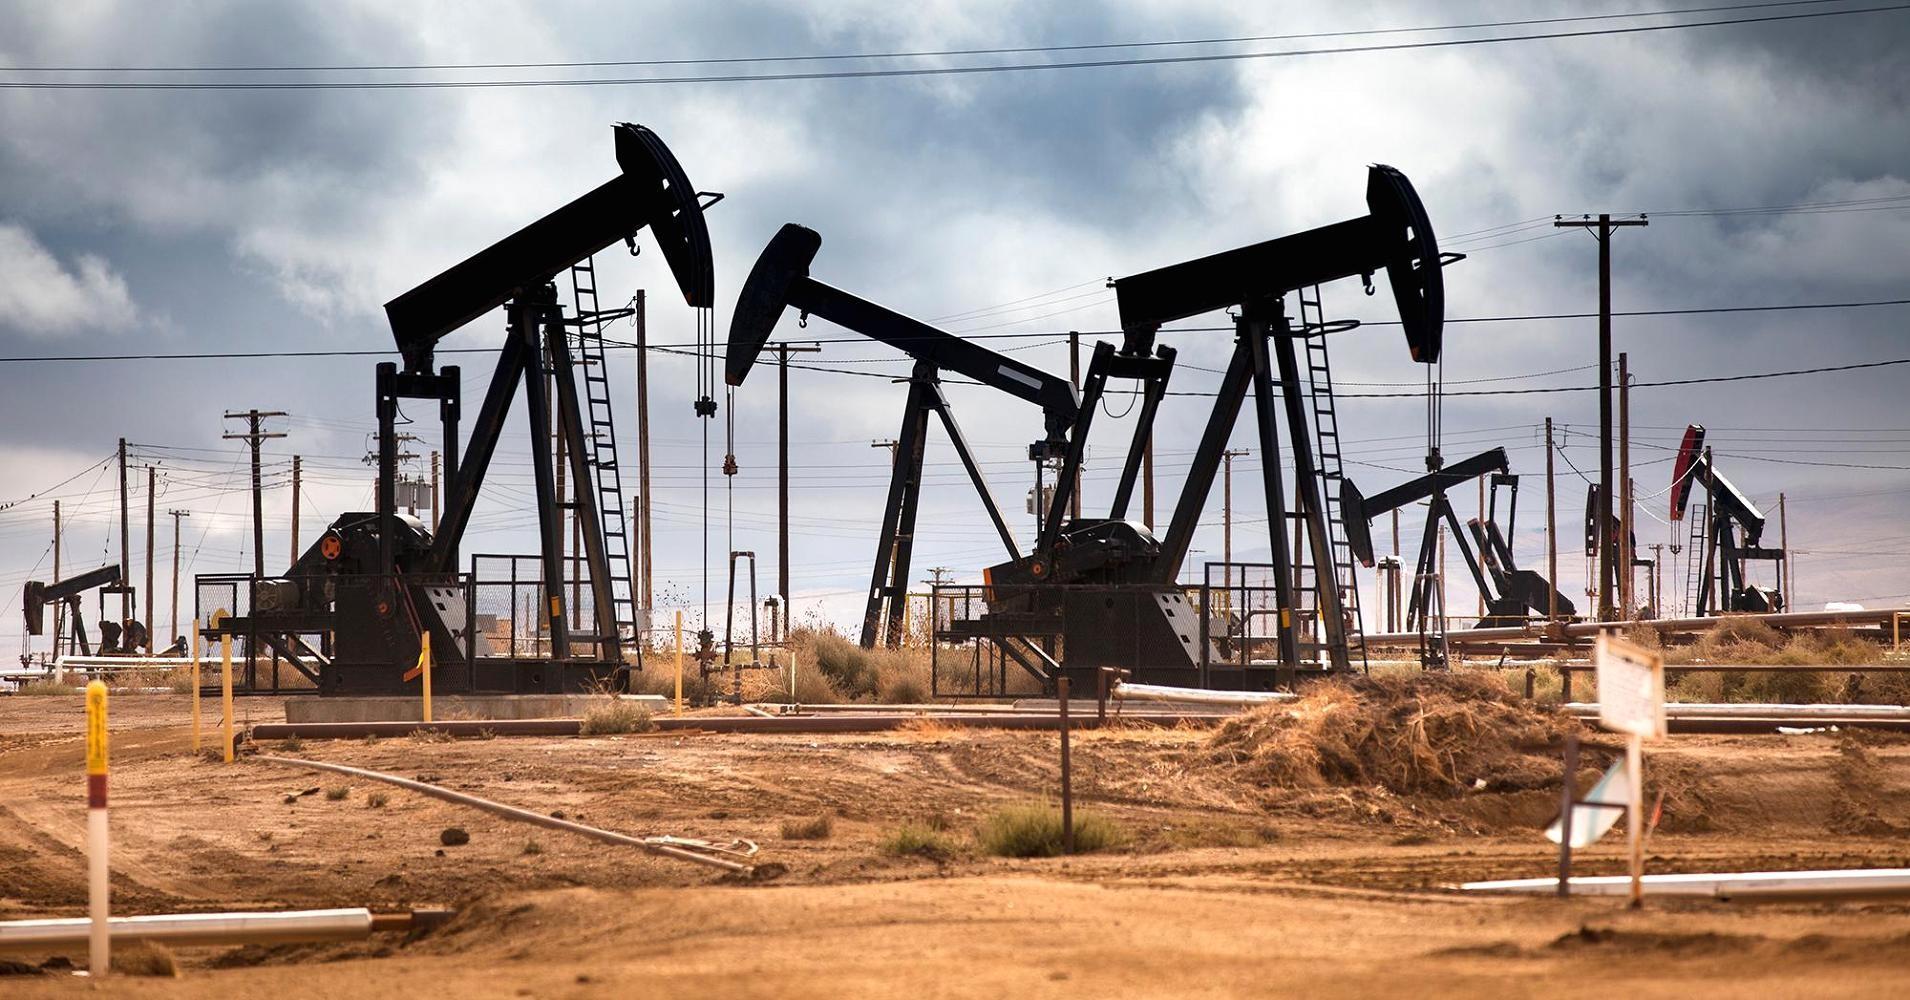 ЦБ: среднегодовая цена нанефть составит приблизительно 50 долларов